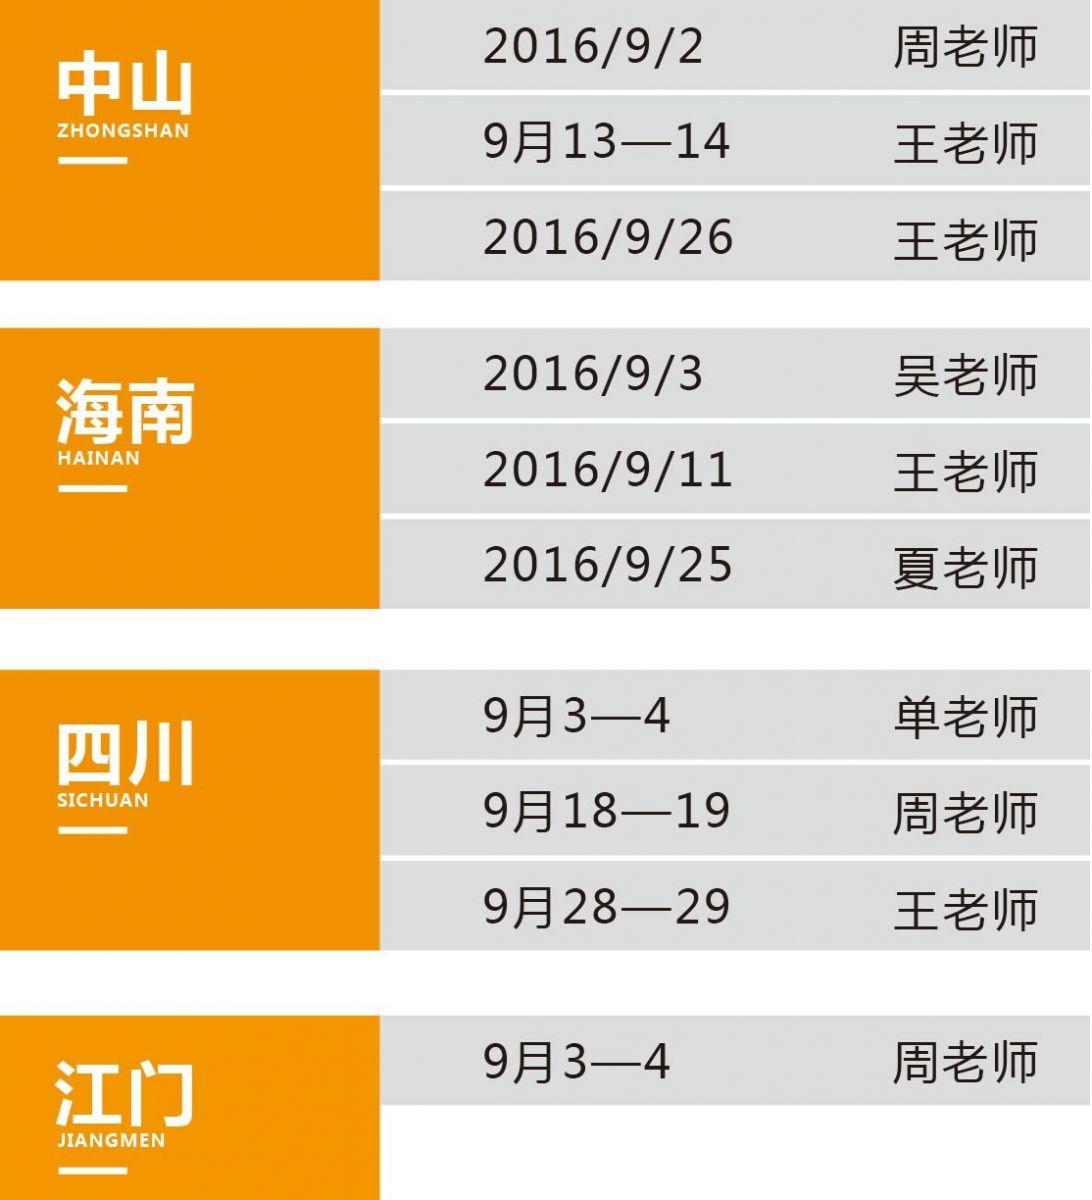 华一世纪9月份《股权激励导入班》课程表(图2)